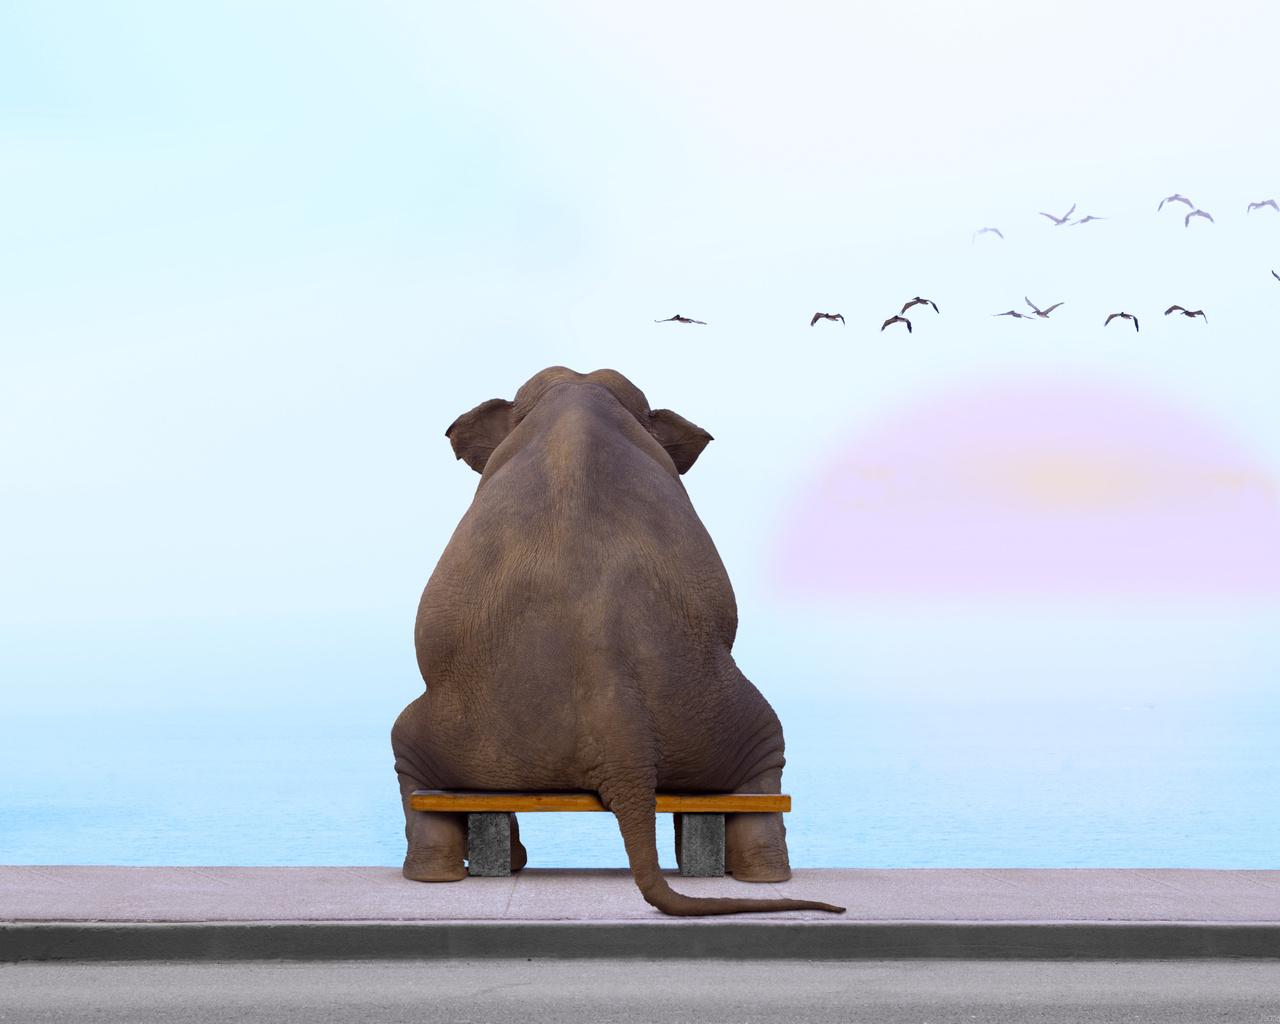 слон, море, раздумья, закат